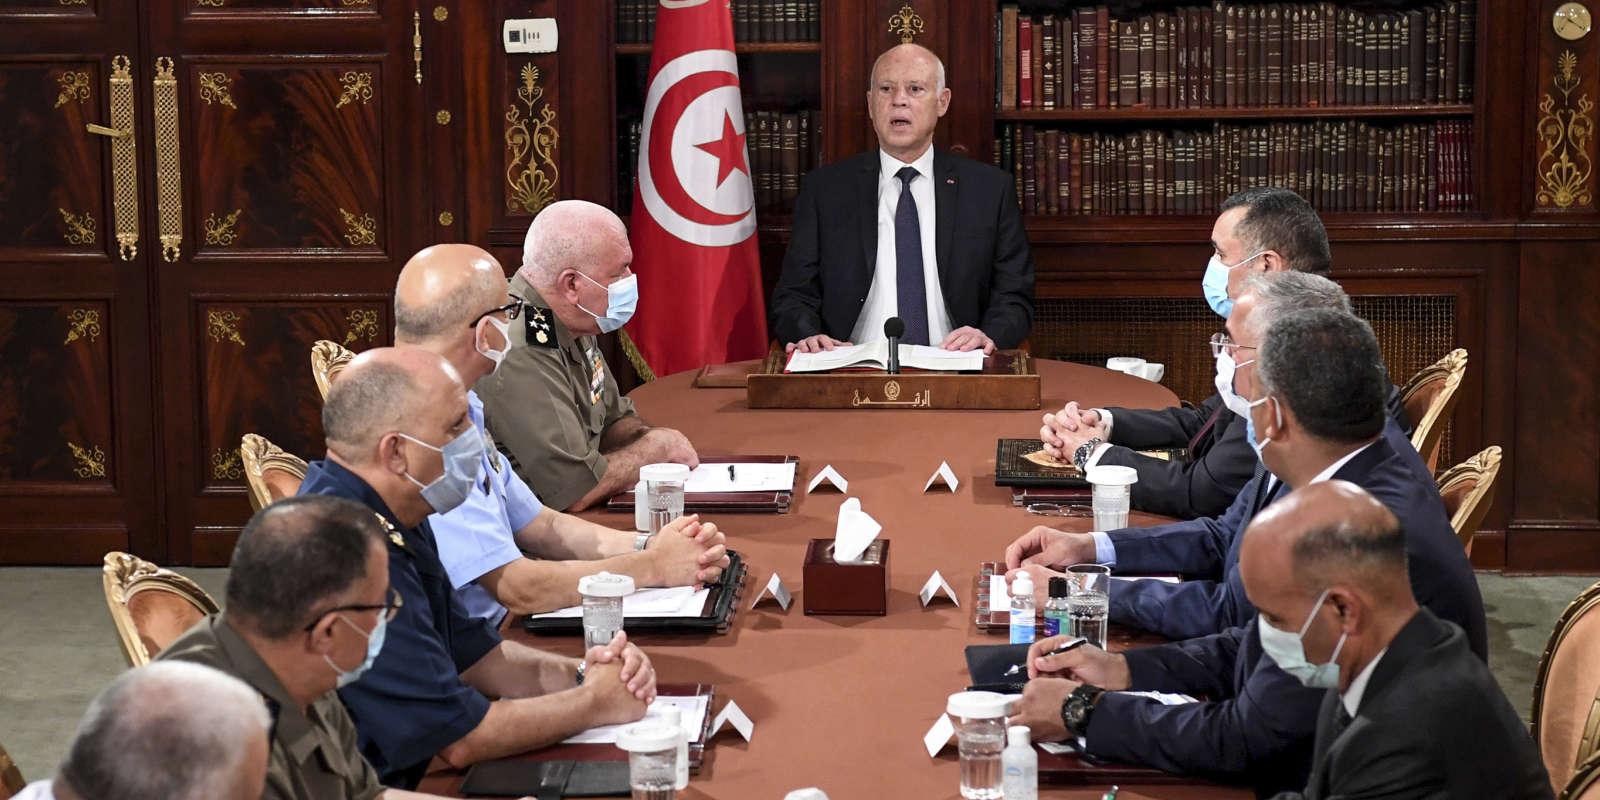 Le président tunisien Kais Saied, au centre, dirige une réunion de sécurité avec des membres de l'armée et des forces de police à Tunis, en Tunisie, dimanche 25 juillet 2021.